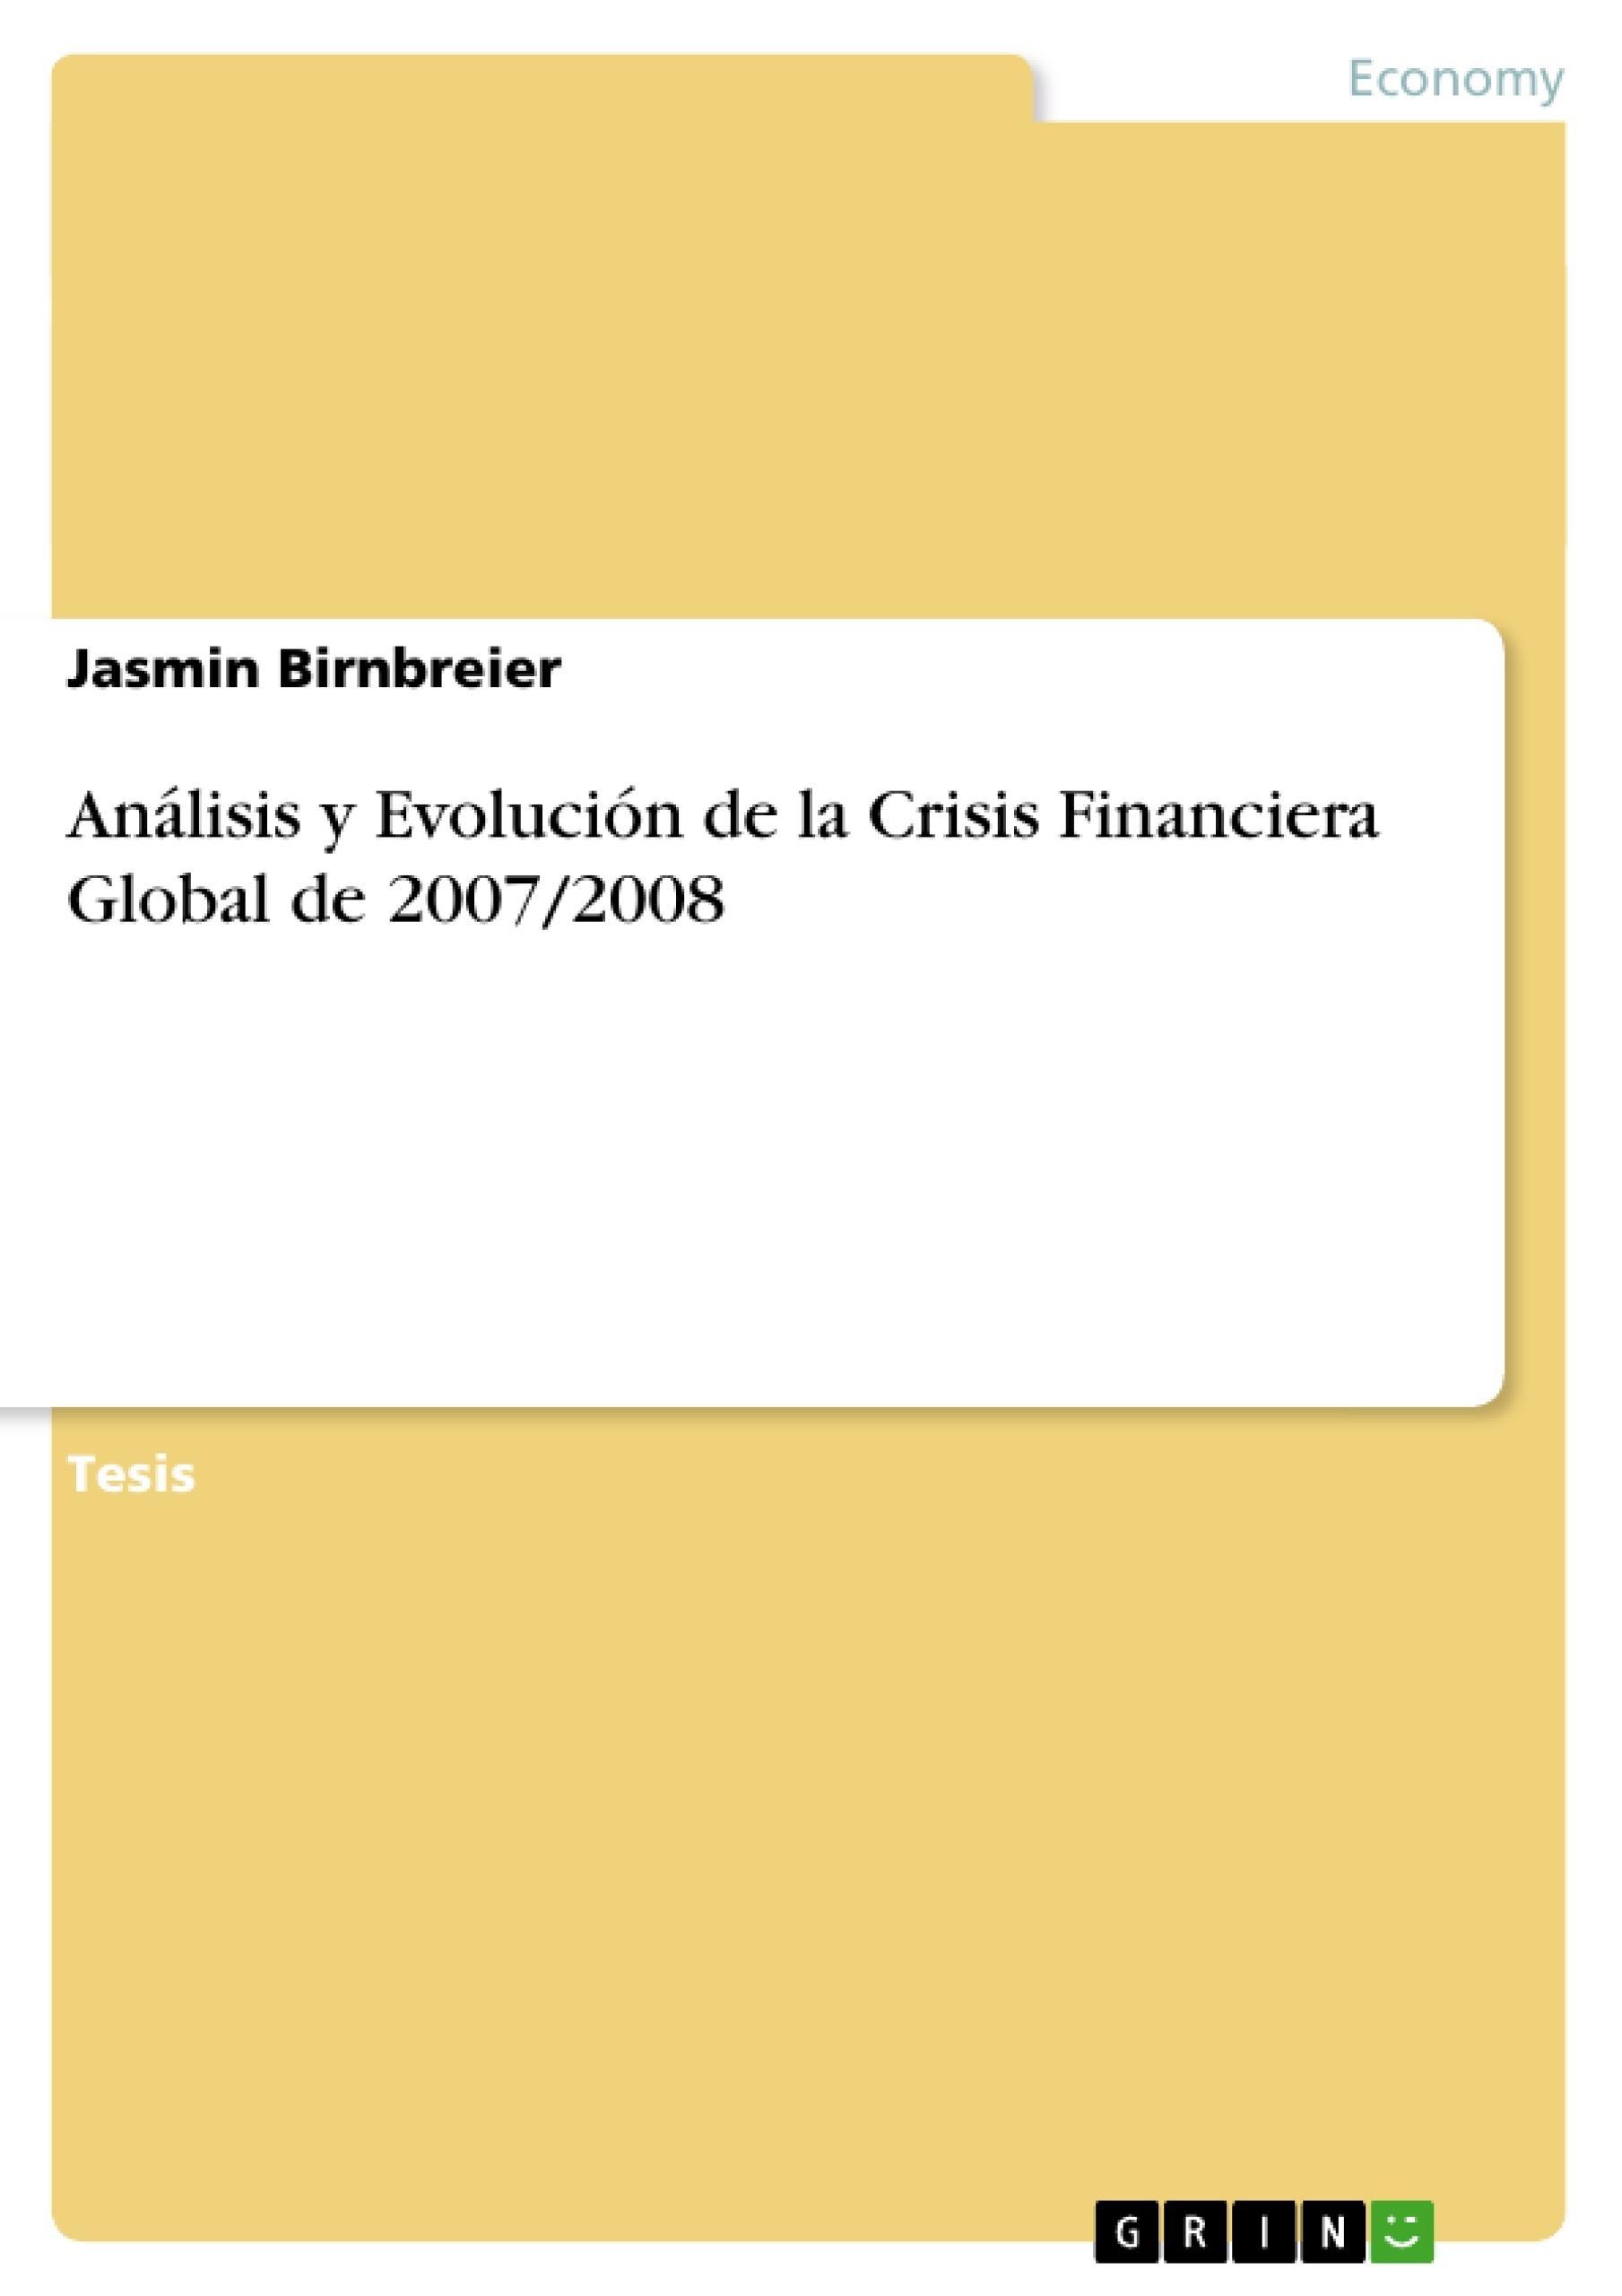 Título: Análisis y Evolución de la Crisis Financiera Global de 2007/2008